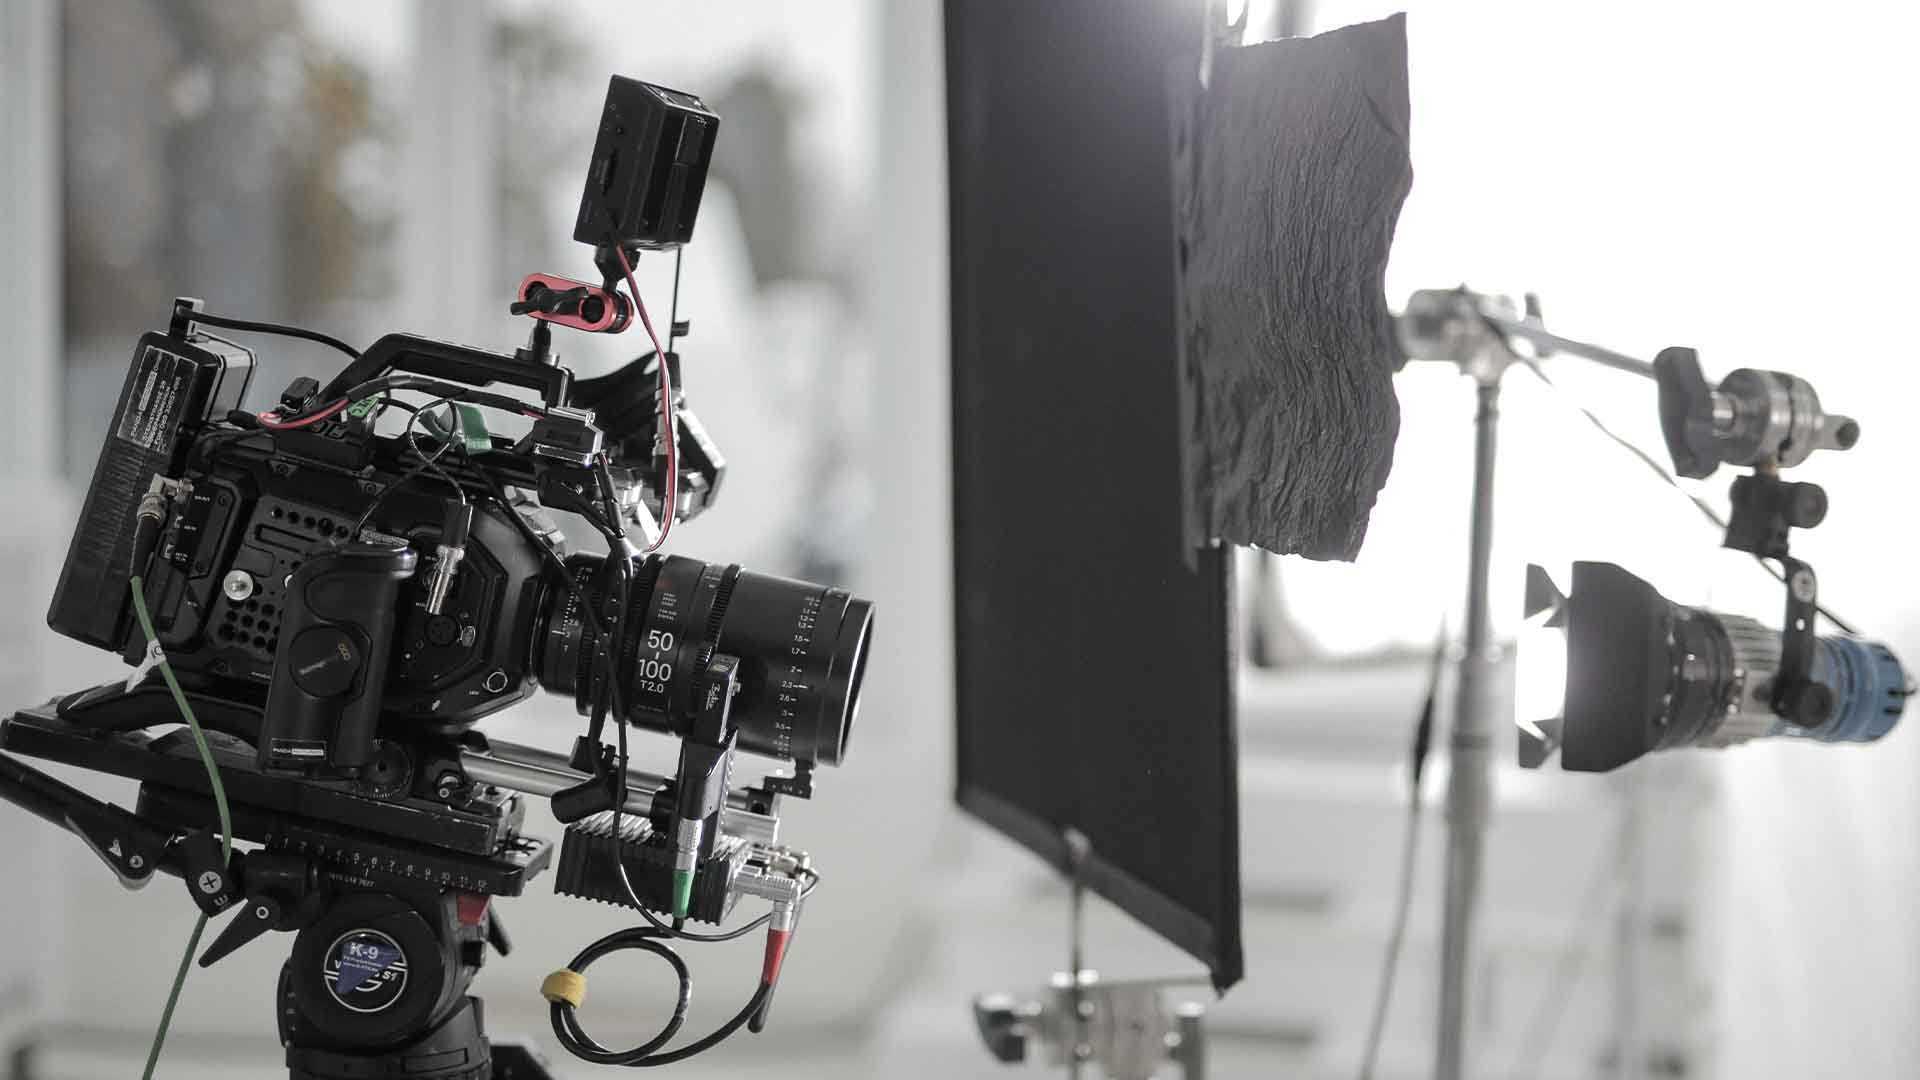 Das Bild zeigt eine Kamera, ein Licht und eine schwarze Abdeckung in Form einer Leinwand. Die Kamera ist auf der linken Seite des Bildes platziert. Das Licht befindet sich auf der rechten Seite des Bildes und leuchtet in Richtung der Kamera. Zwischen beiden steht die schwarze Abdeckung. Das Bild dient als Sliderbild für den Portfolioeintrag 3Dconnexion SpaceMouse von Panda Pictures.